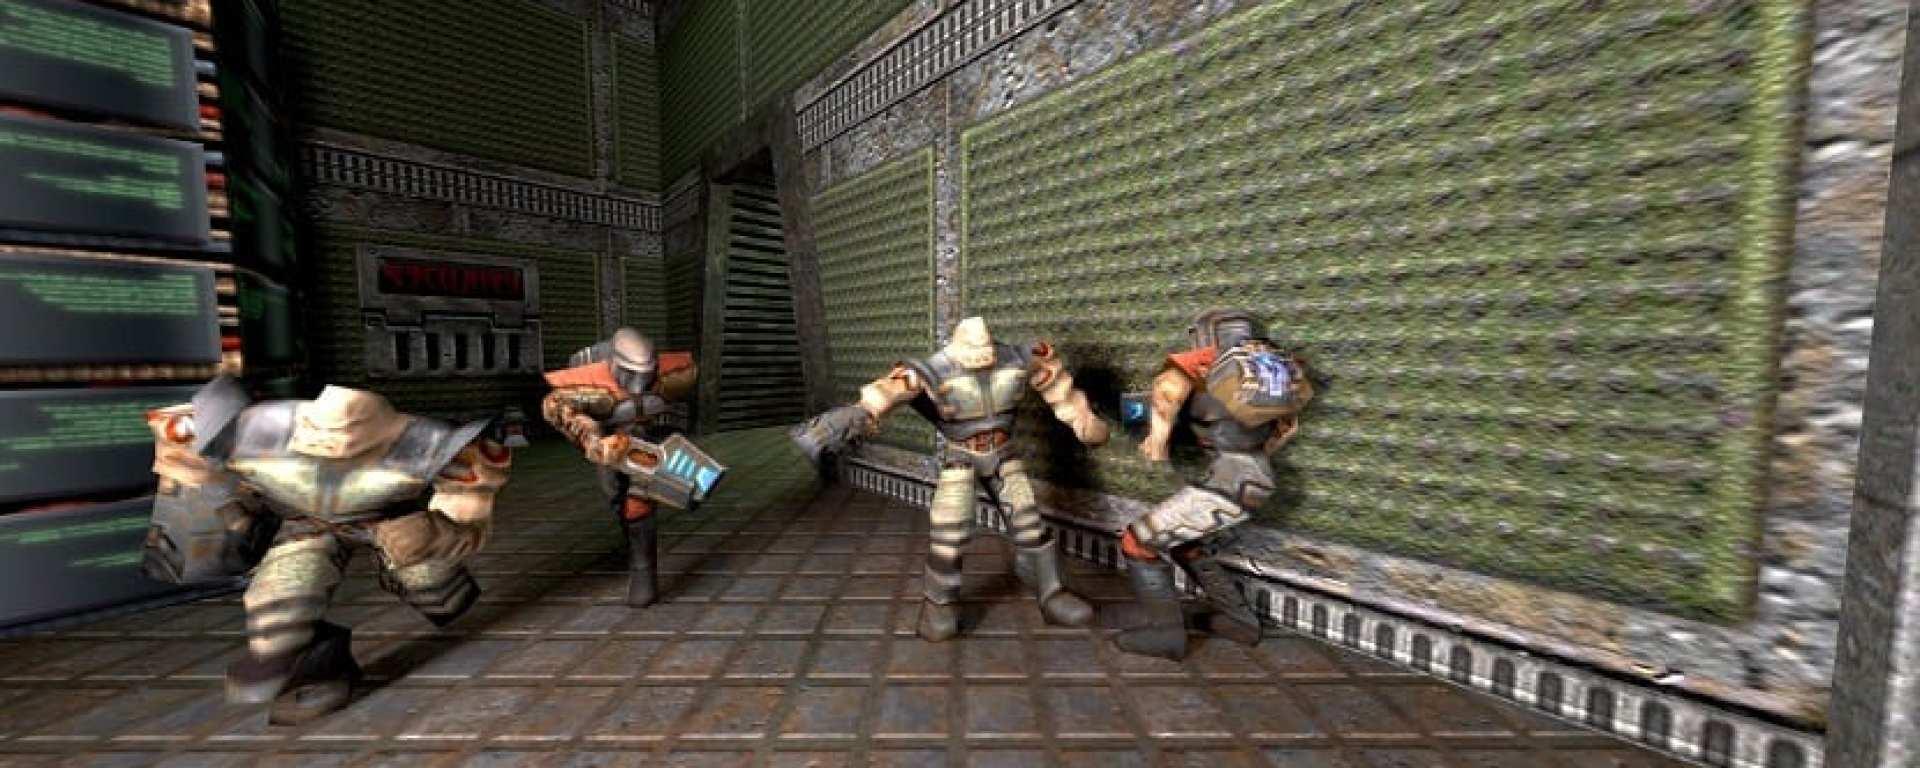 Q2VKPT: un juego basado en Quake 2 con soporte para la API